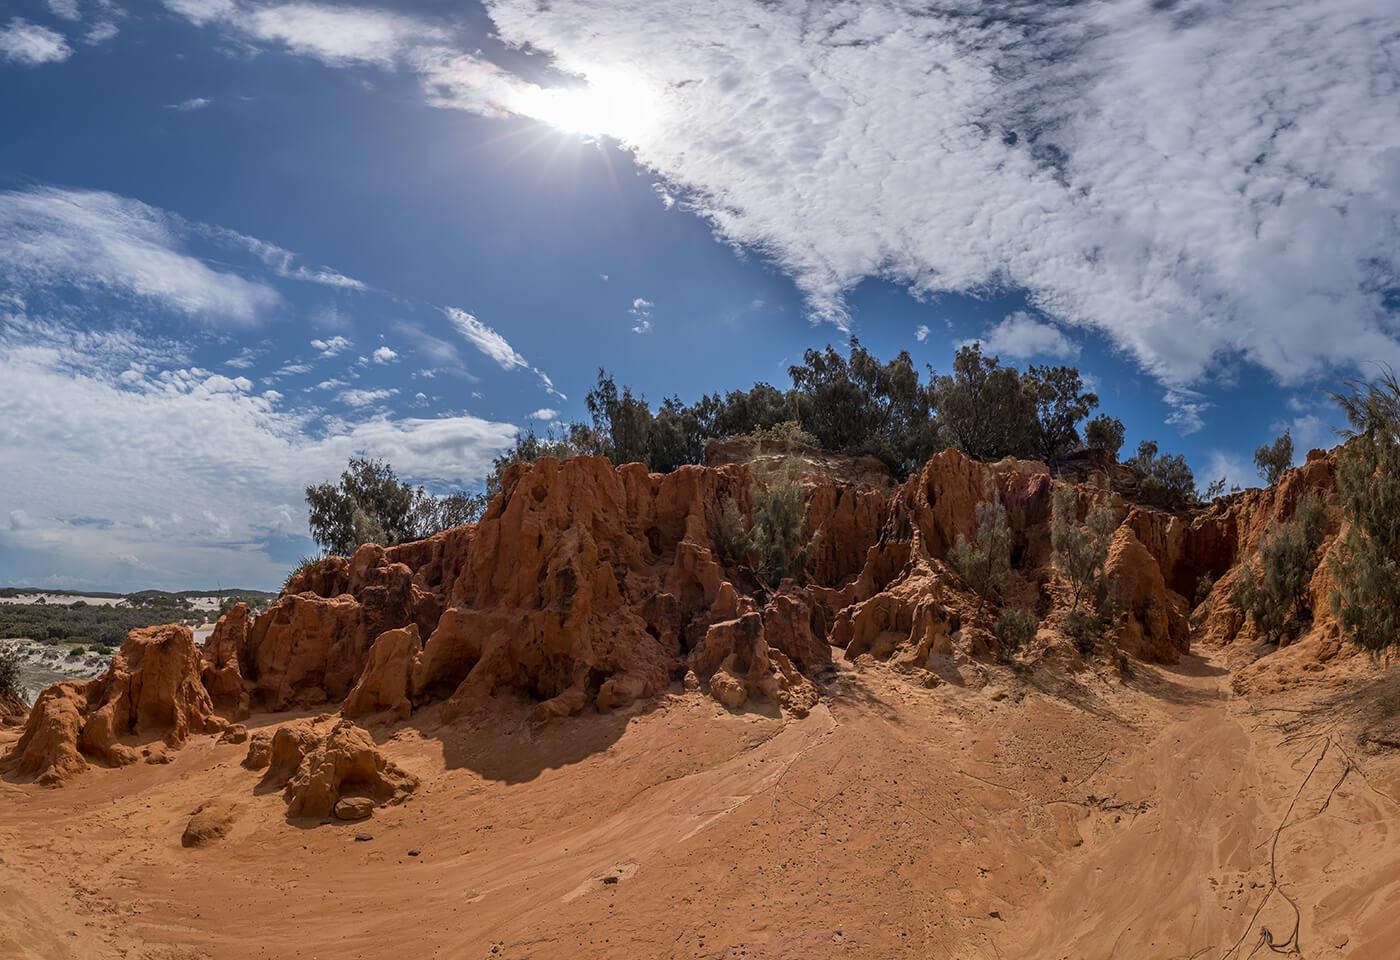 Panoramic image of the desert